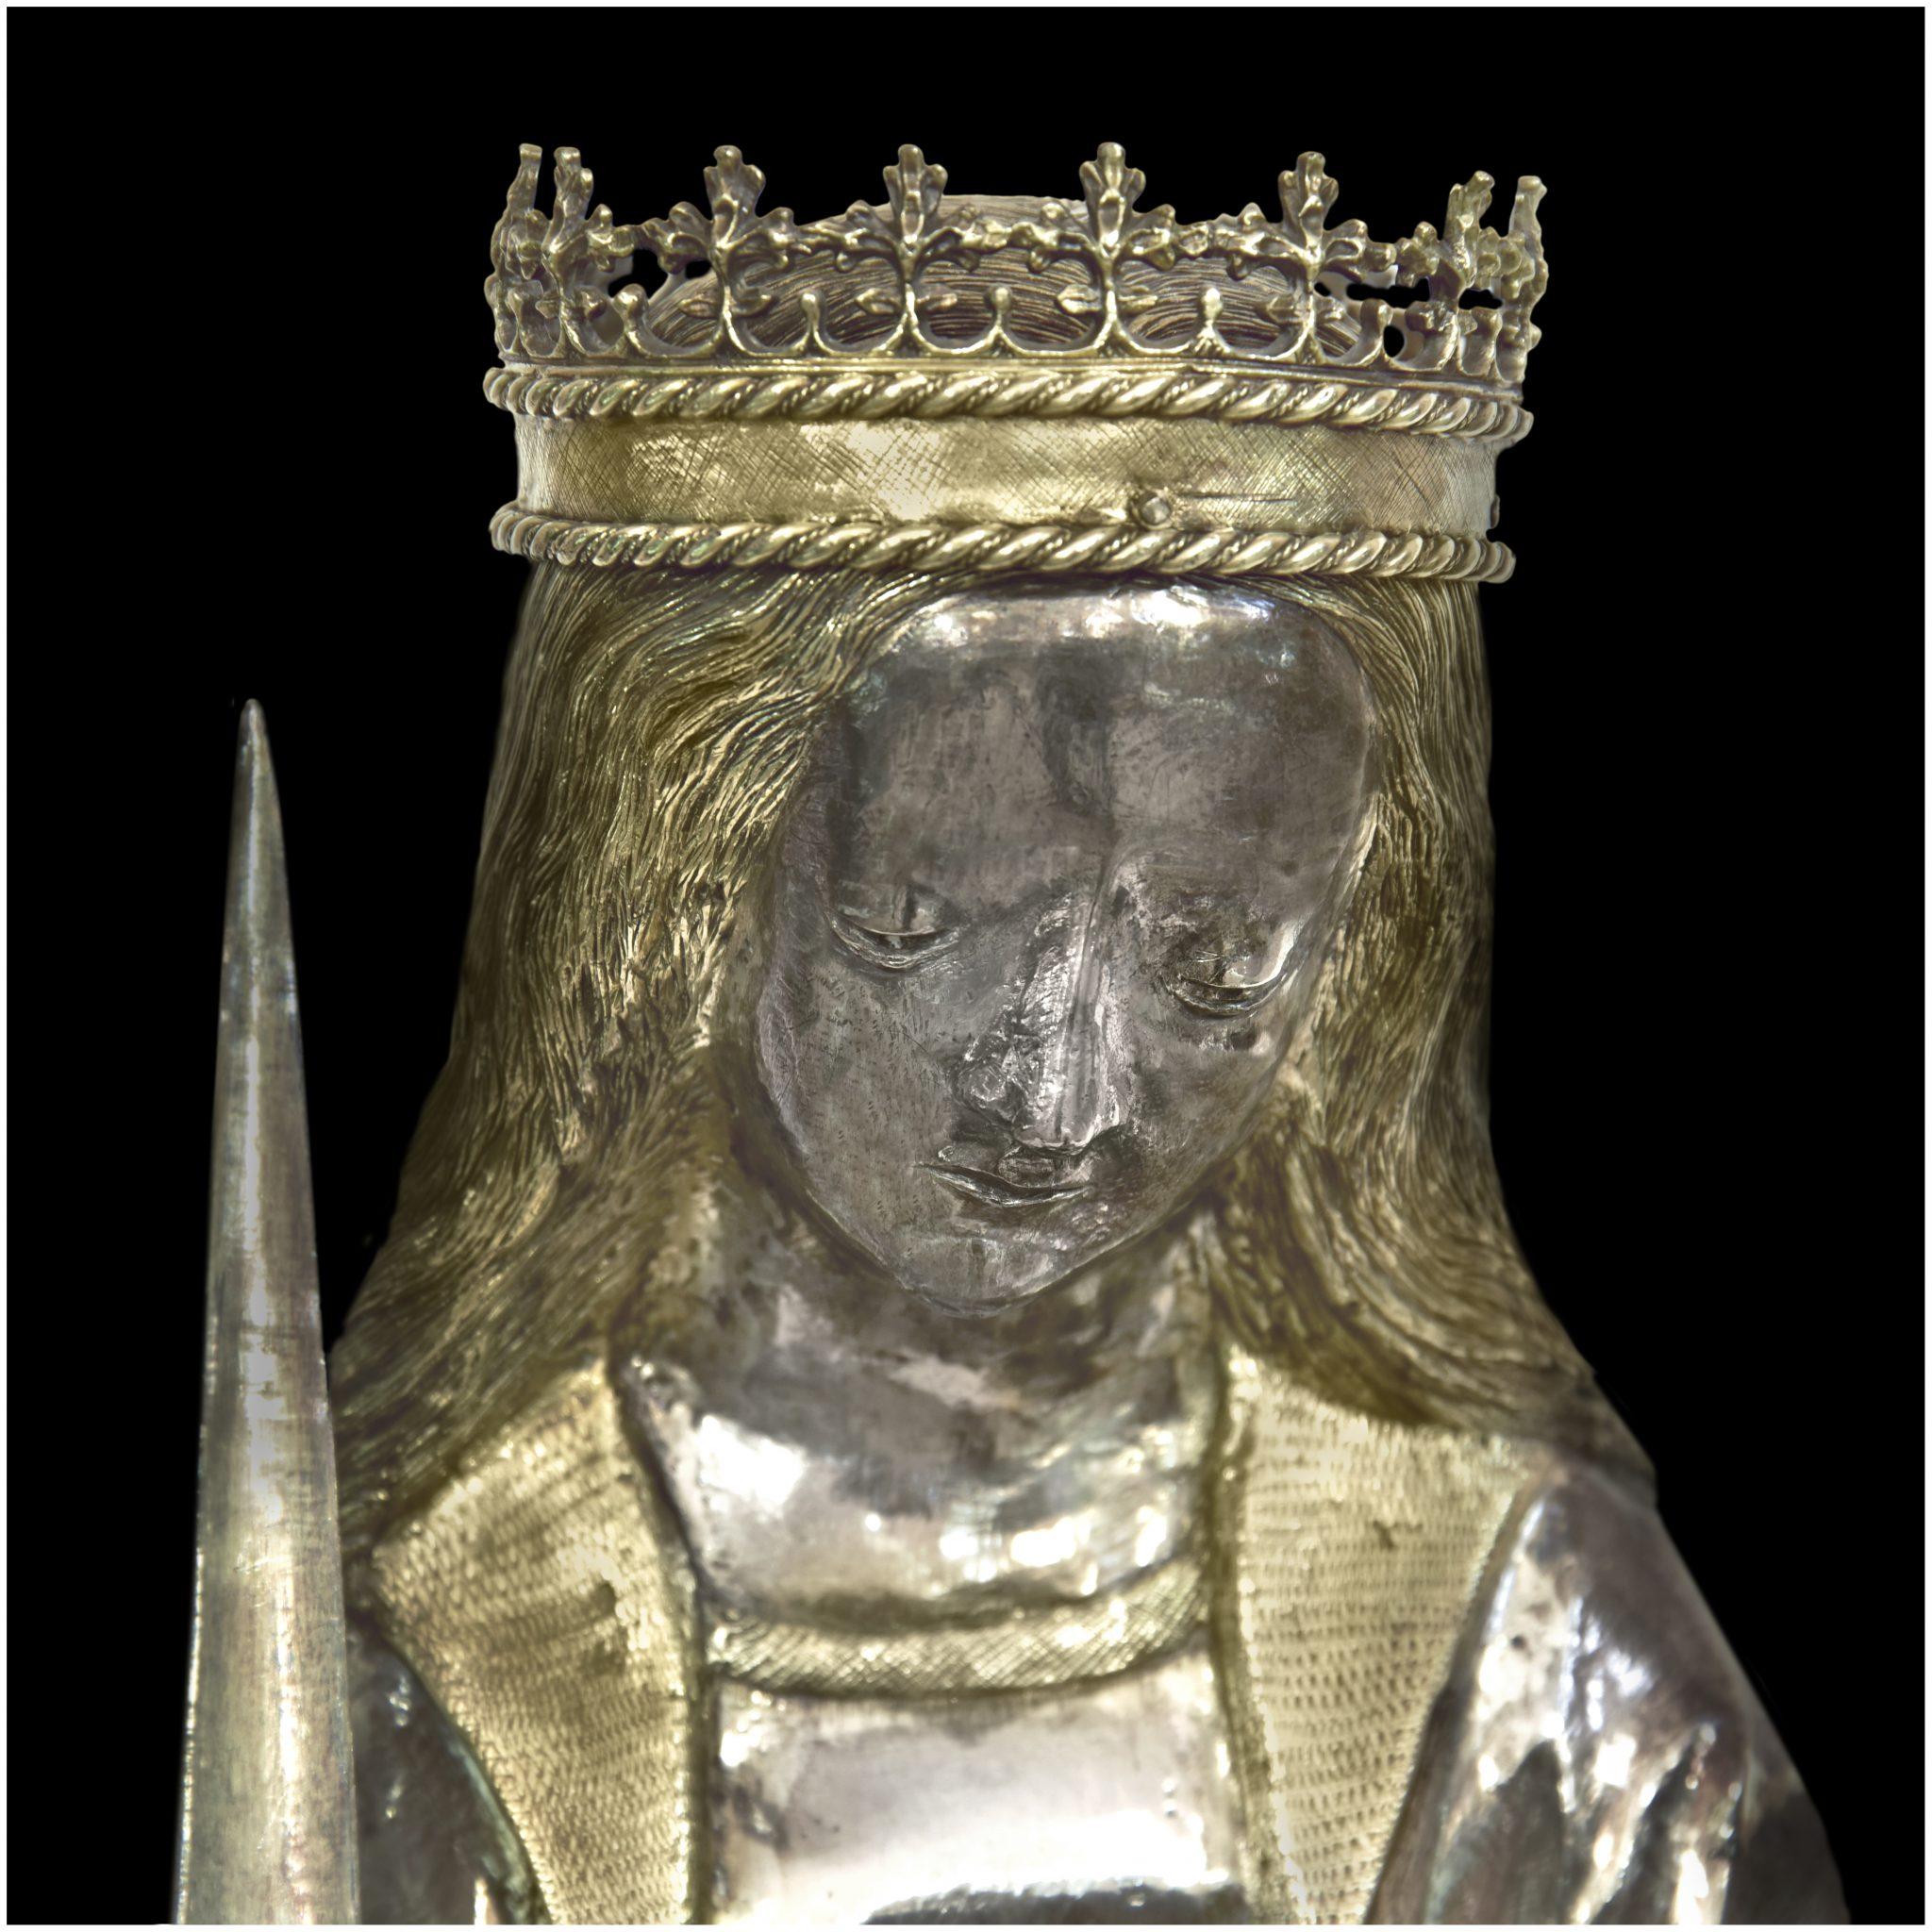 Statuette de sainte Foy (détail) © Commune de Conques-en-Rouergue / DRAC Occitanie / Jean-François Peiré